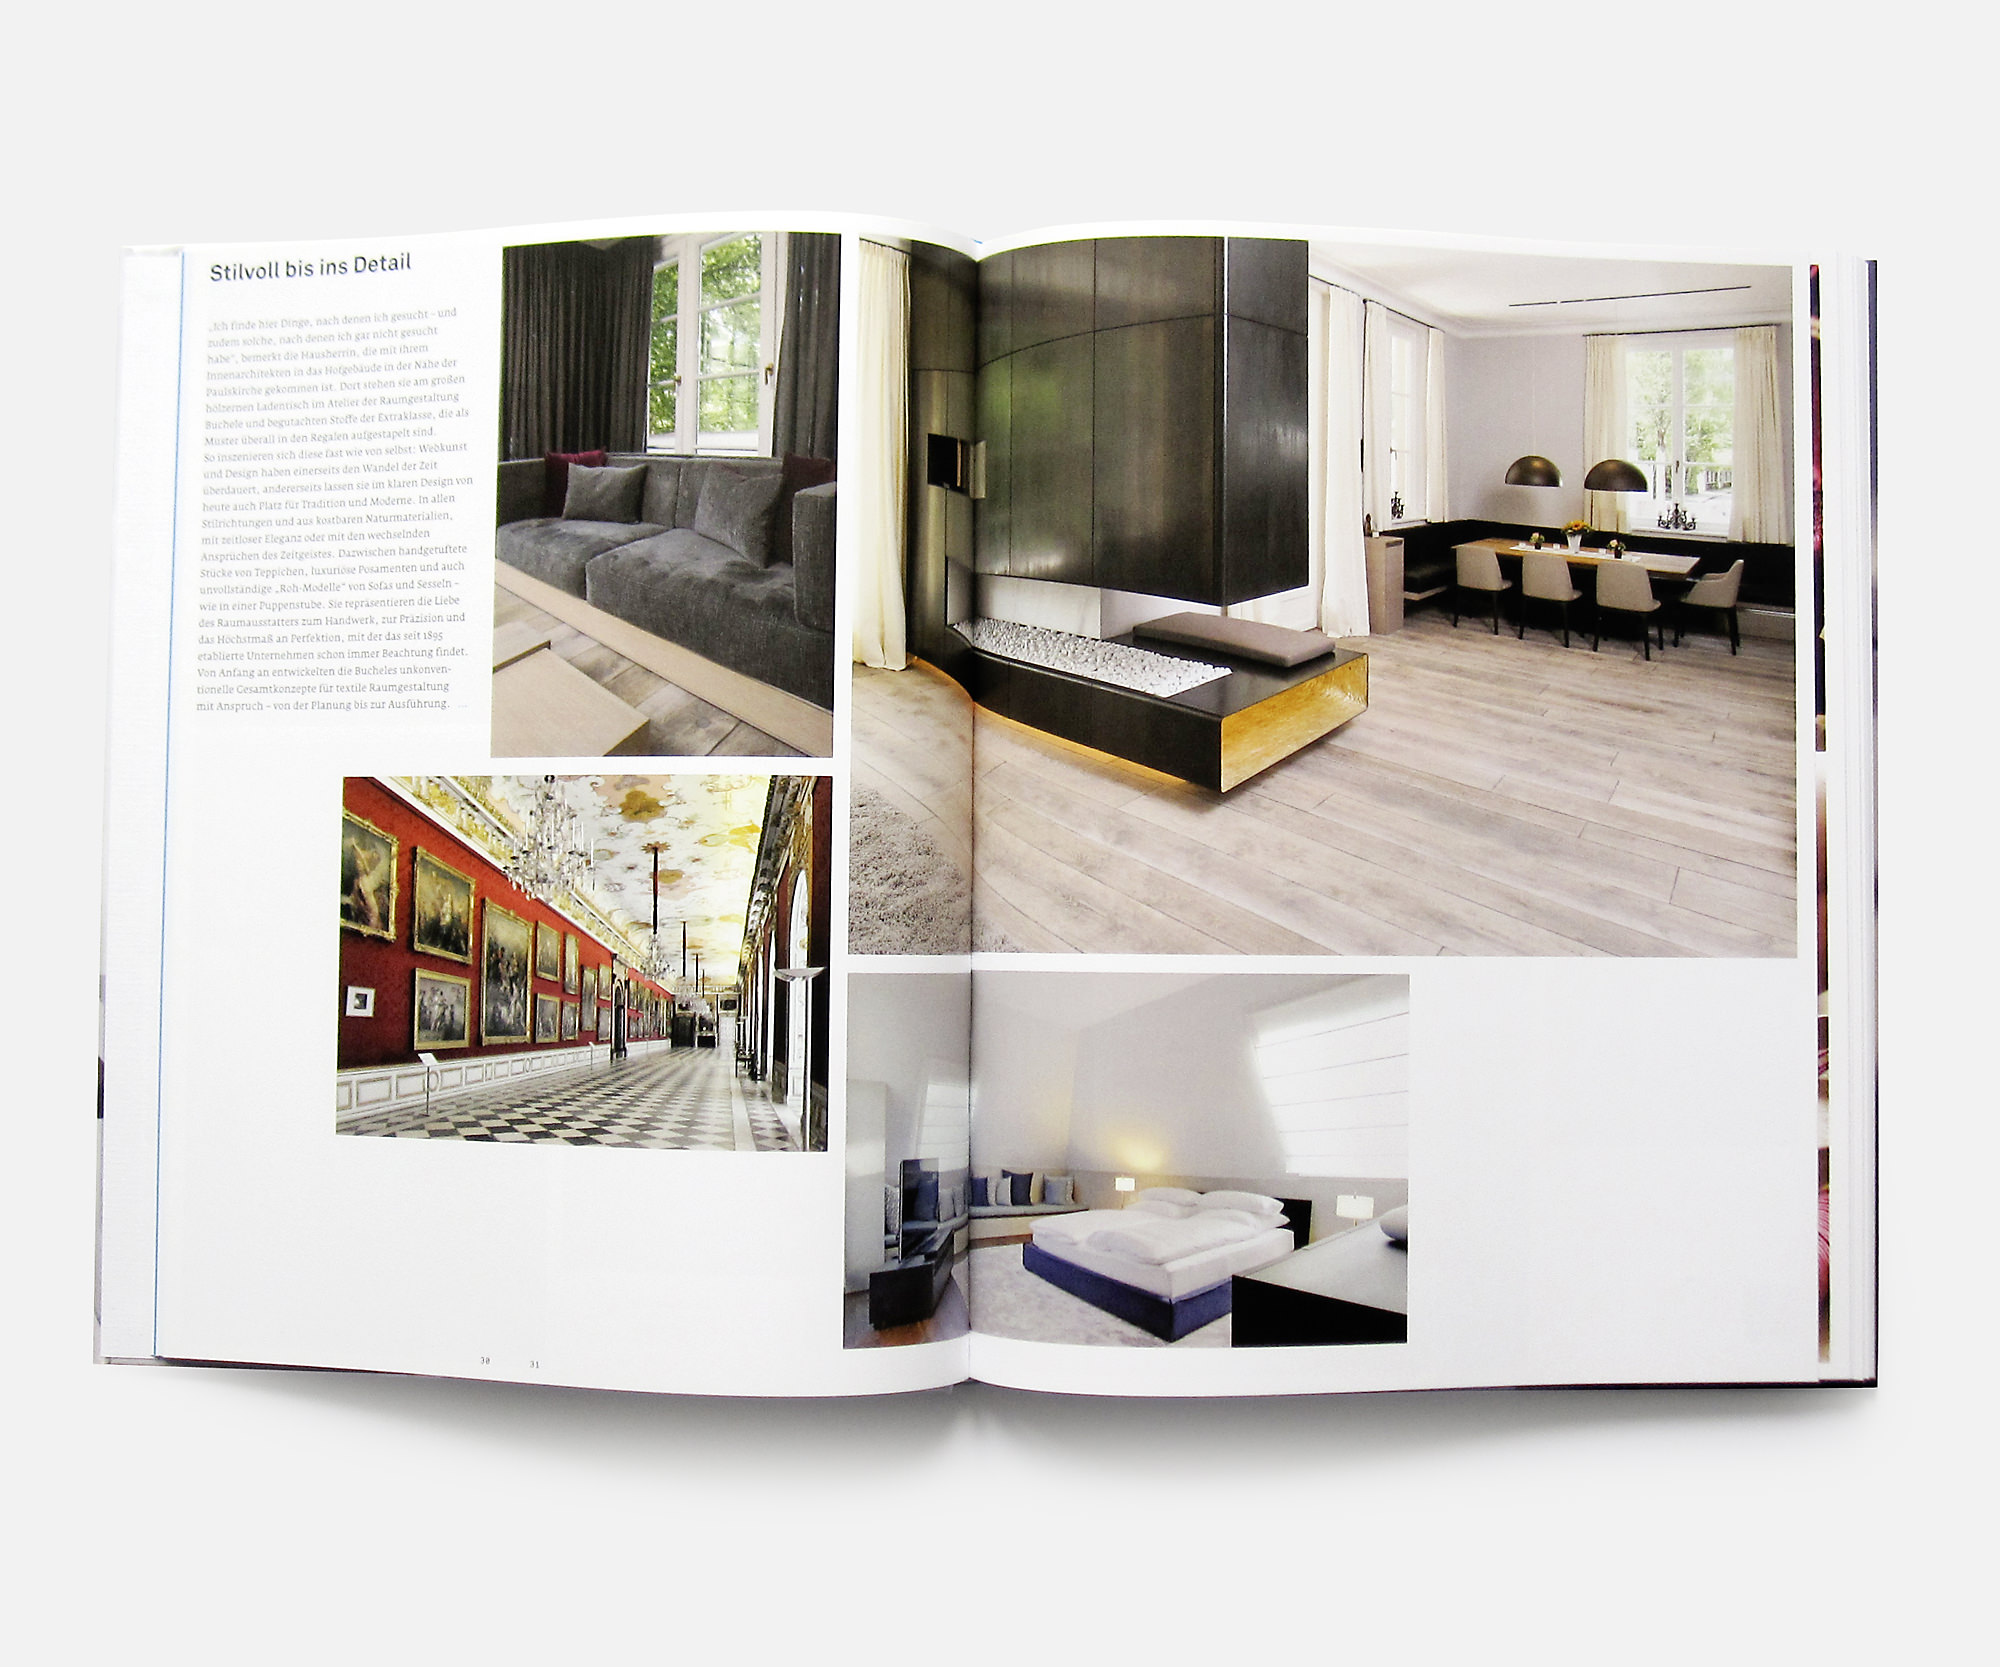 Raum design m nchen christina kuschkowitz for Raum design